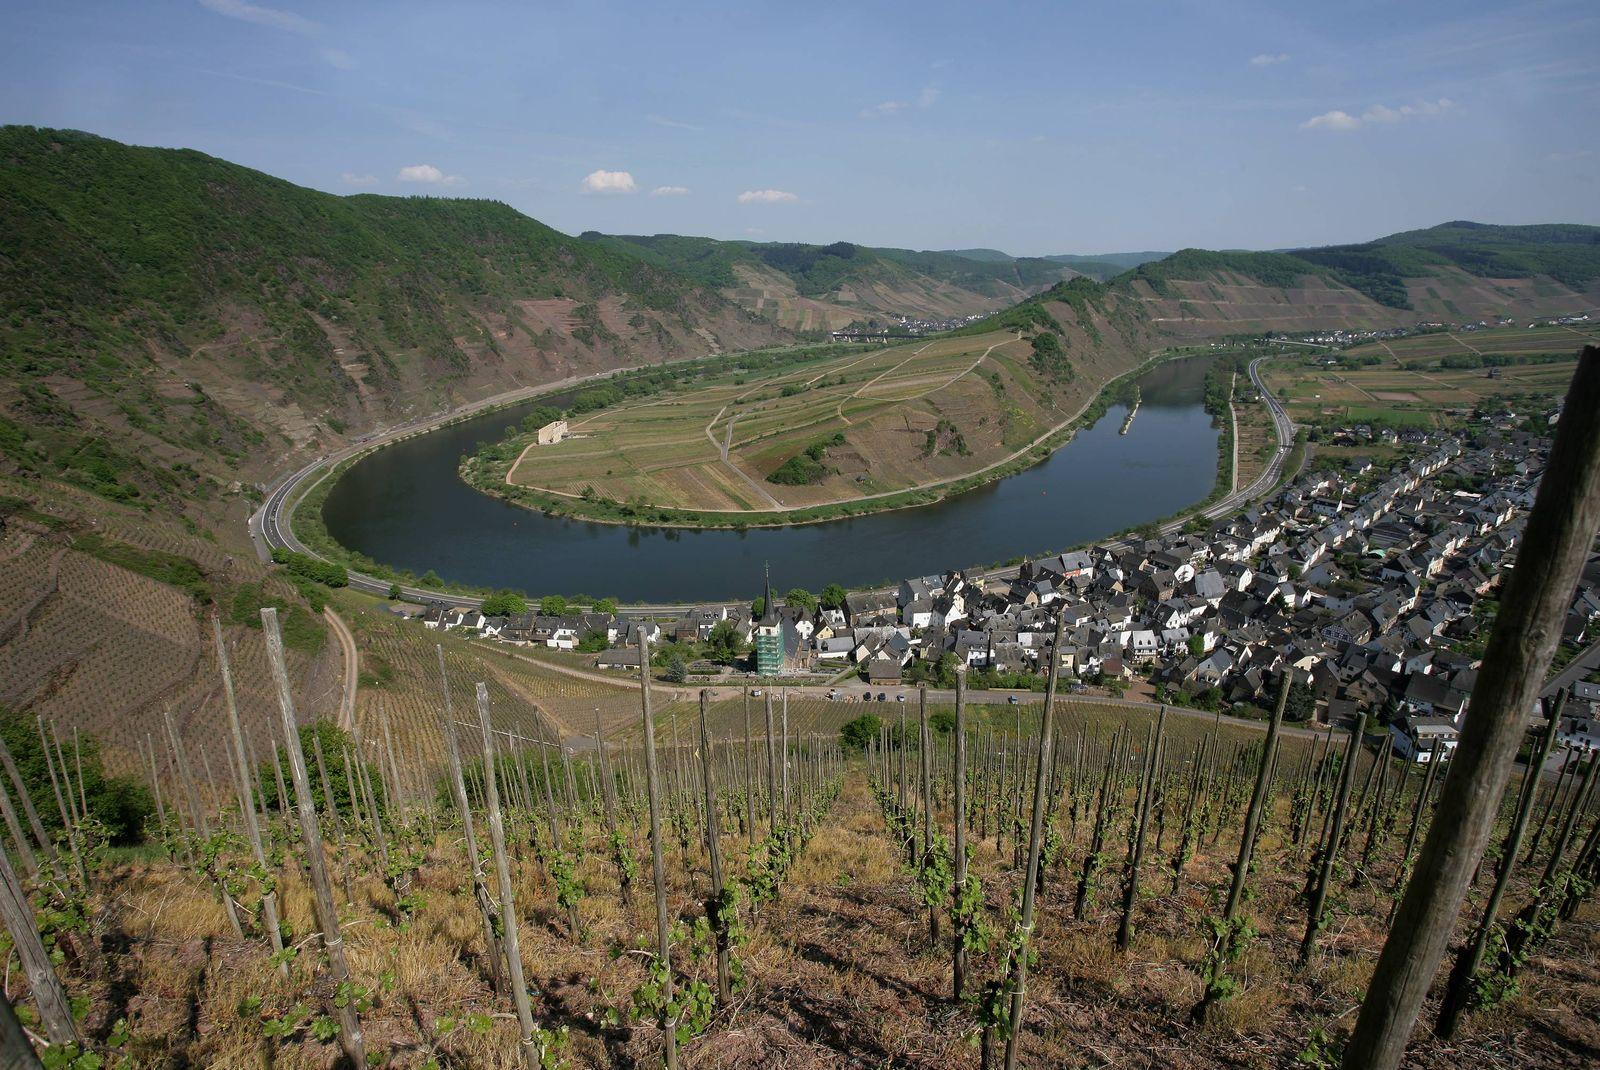 Steilster Weinberg Europas